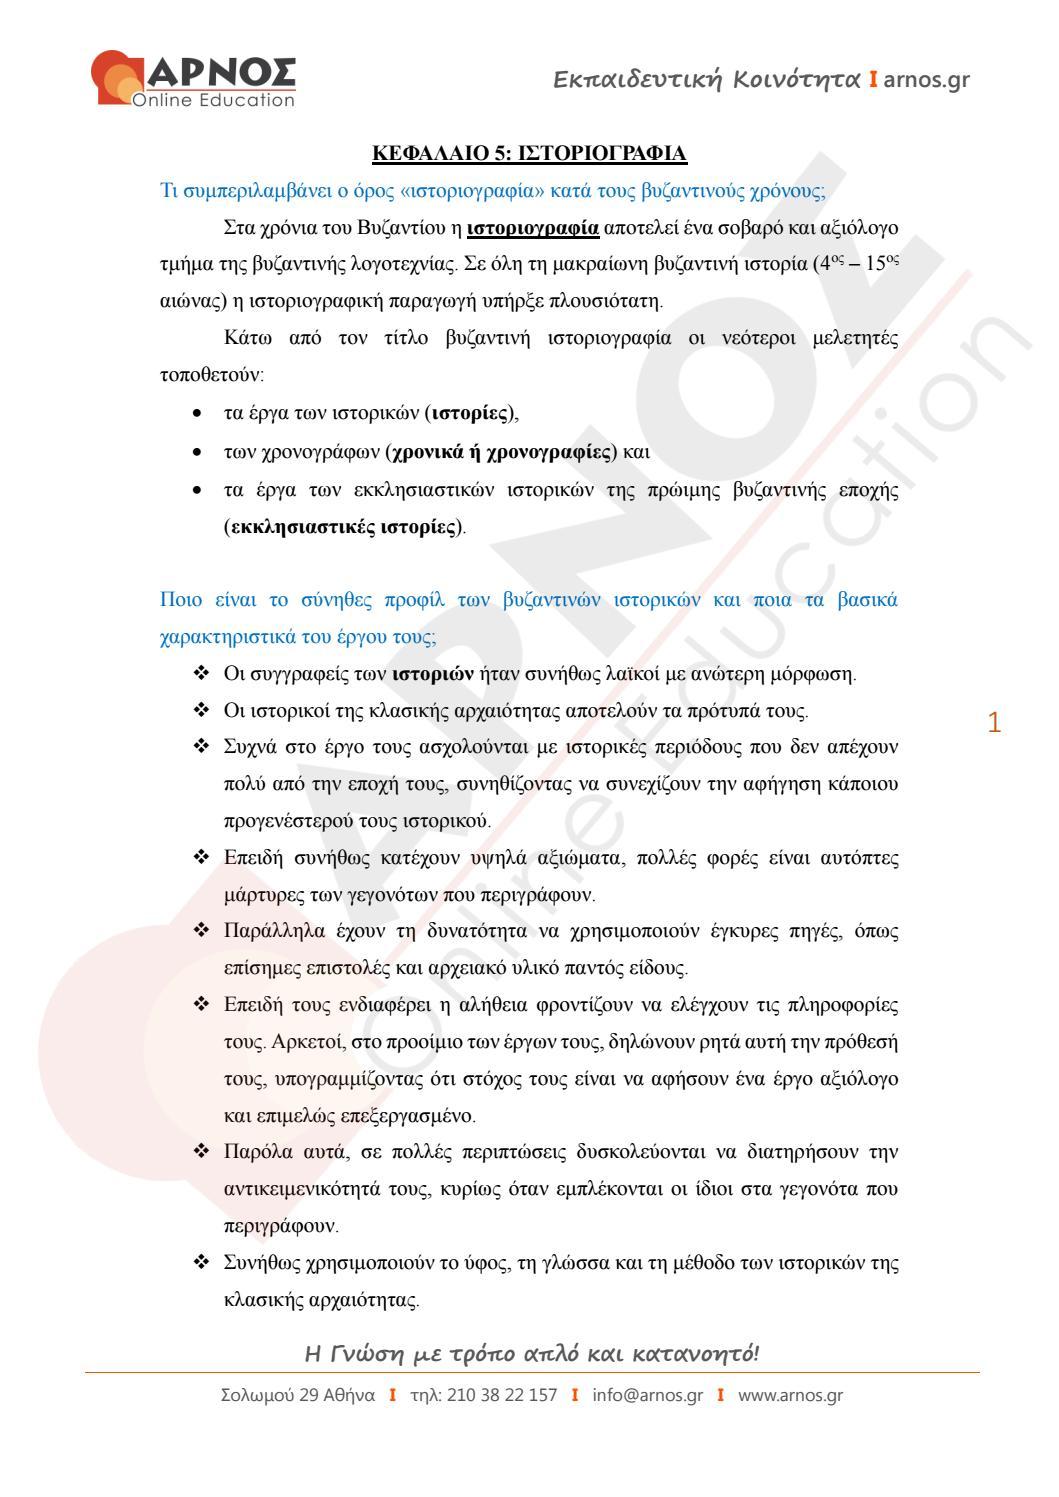 Κανόνες για τη χρονολόγηση σε απευθείας σύνδεση